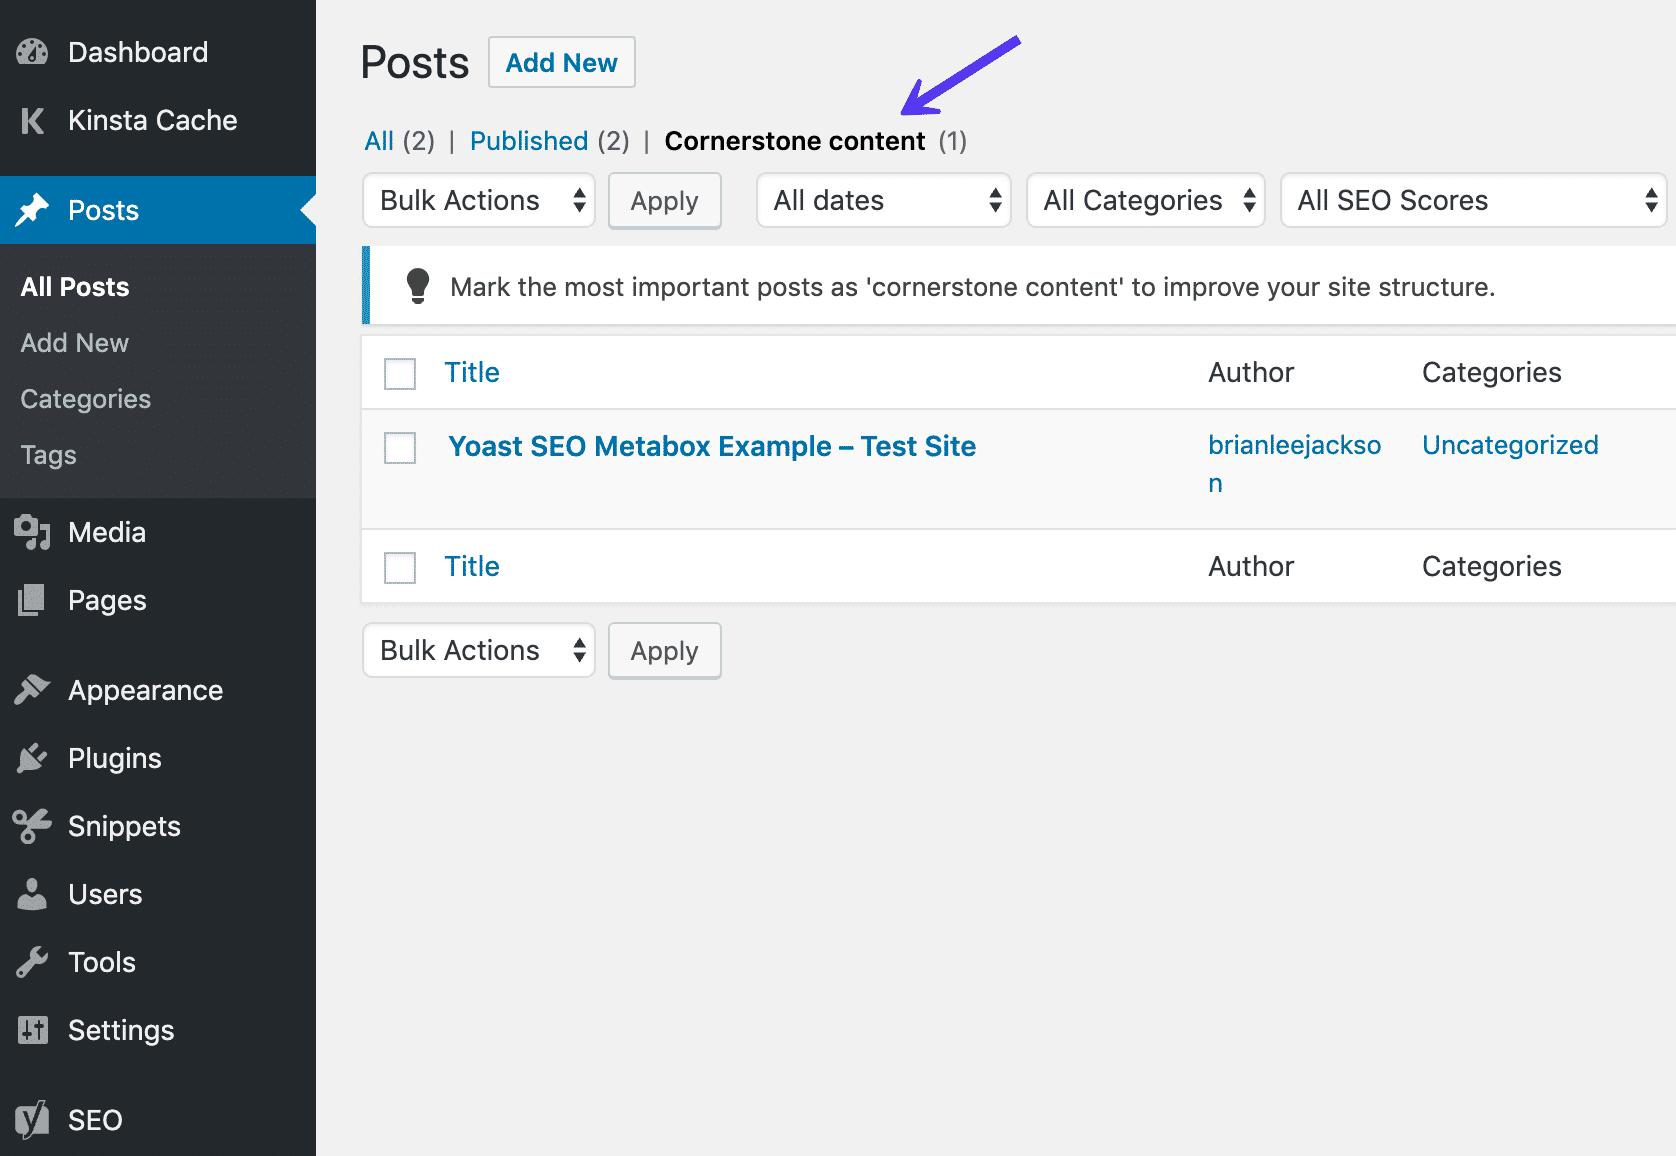 Conteúdo Cornerstone na lista de postagens